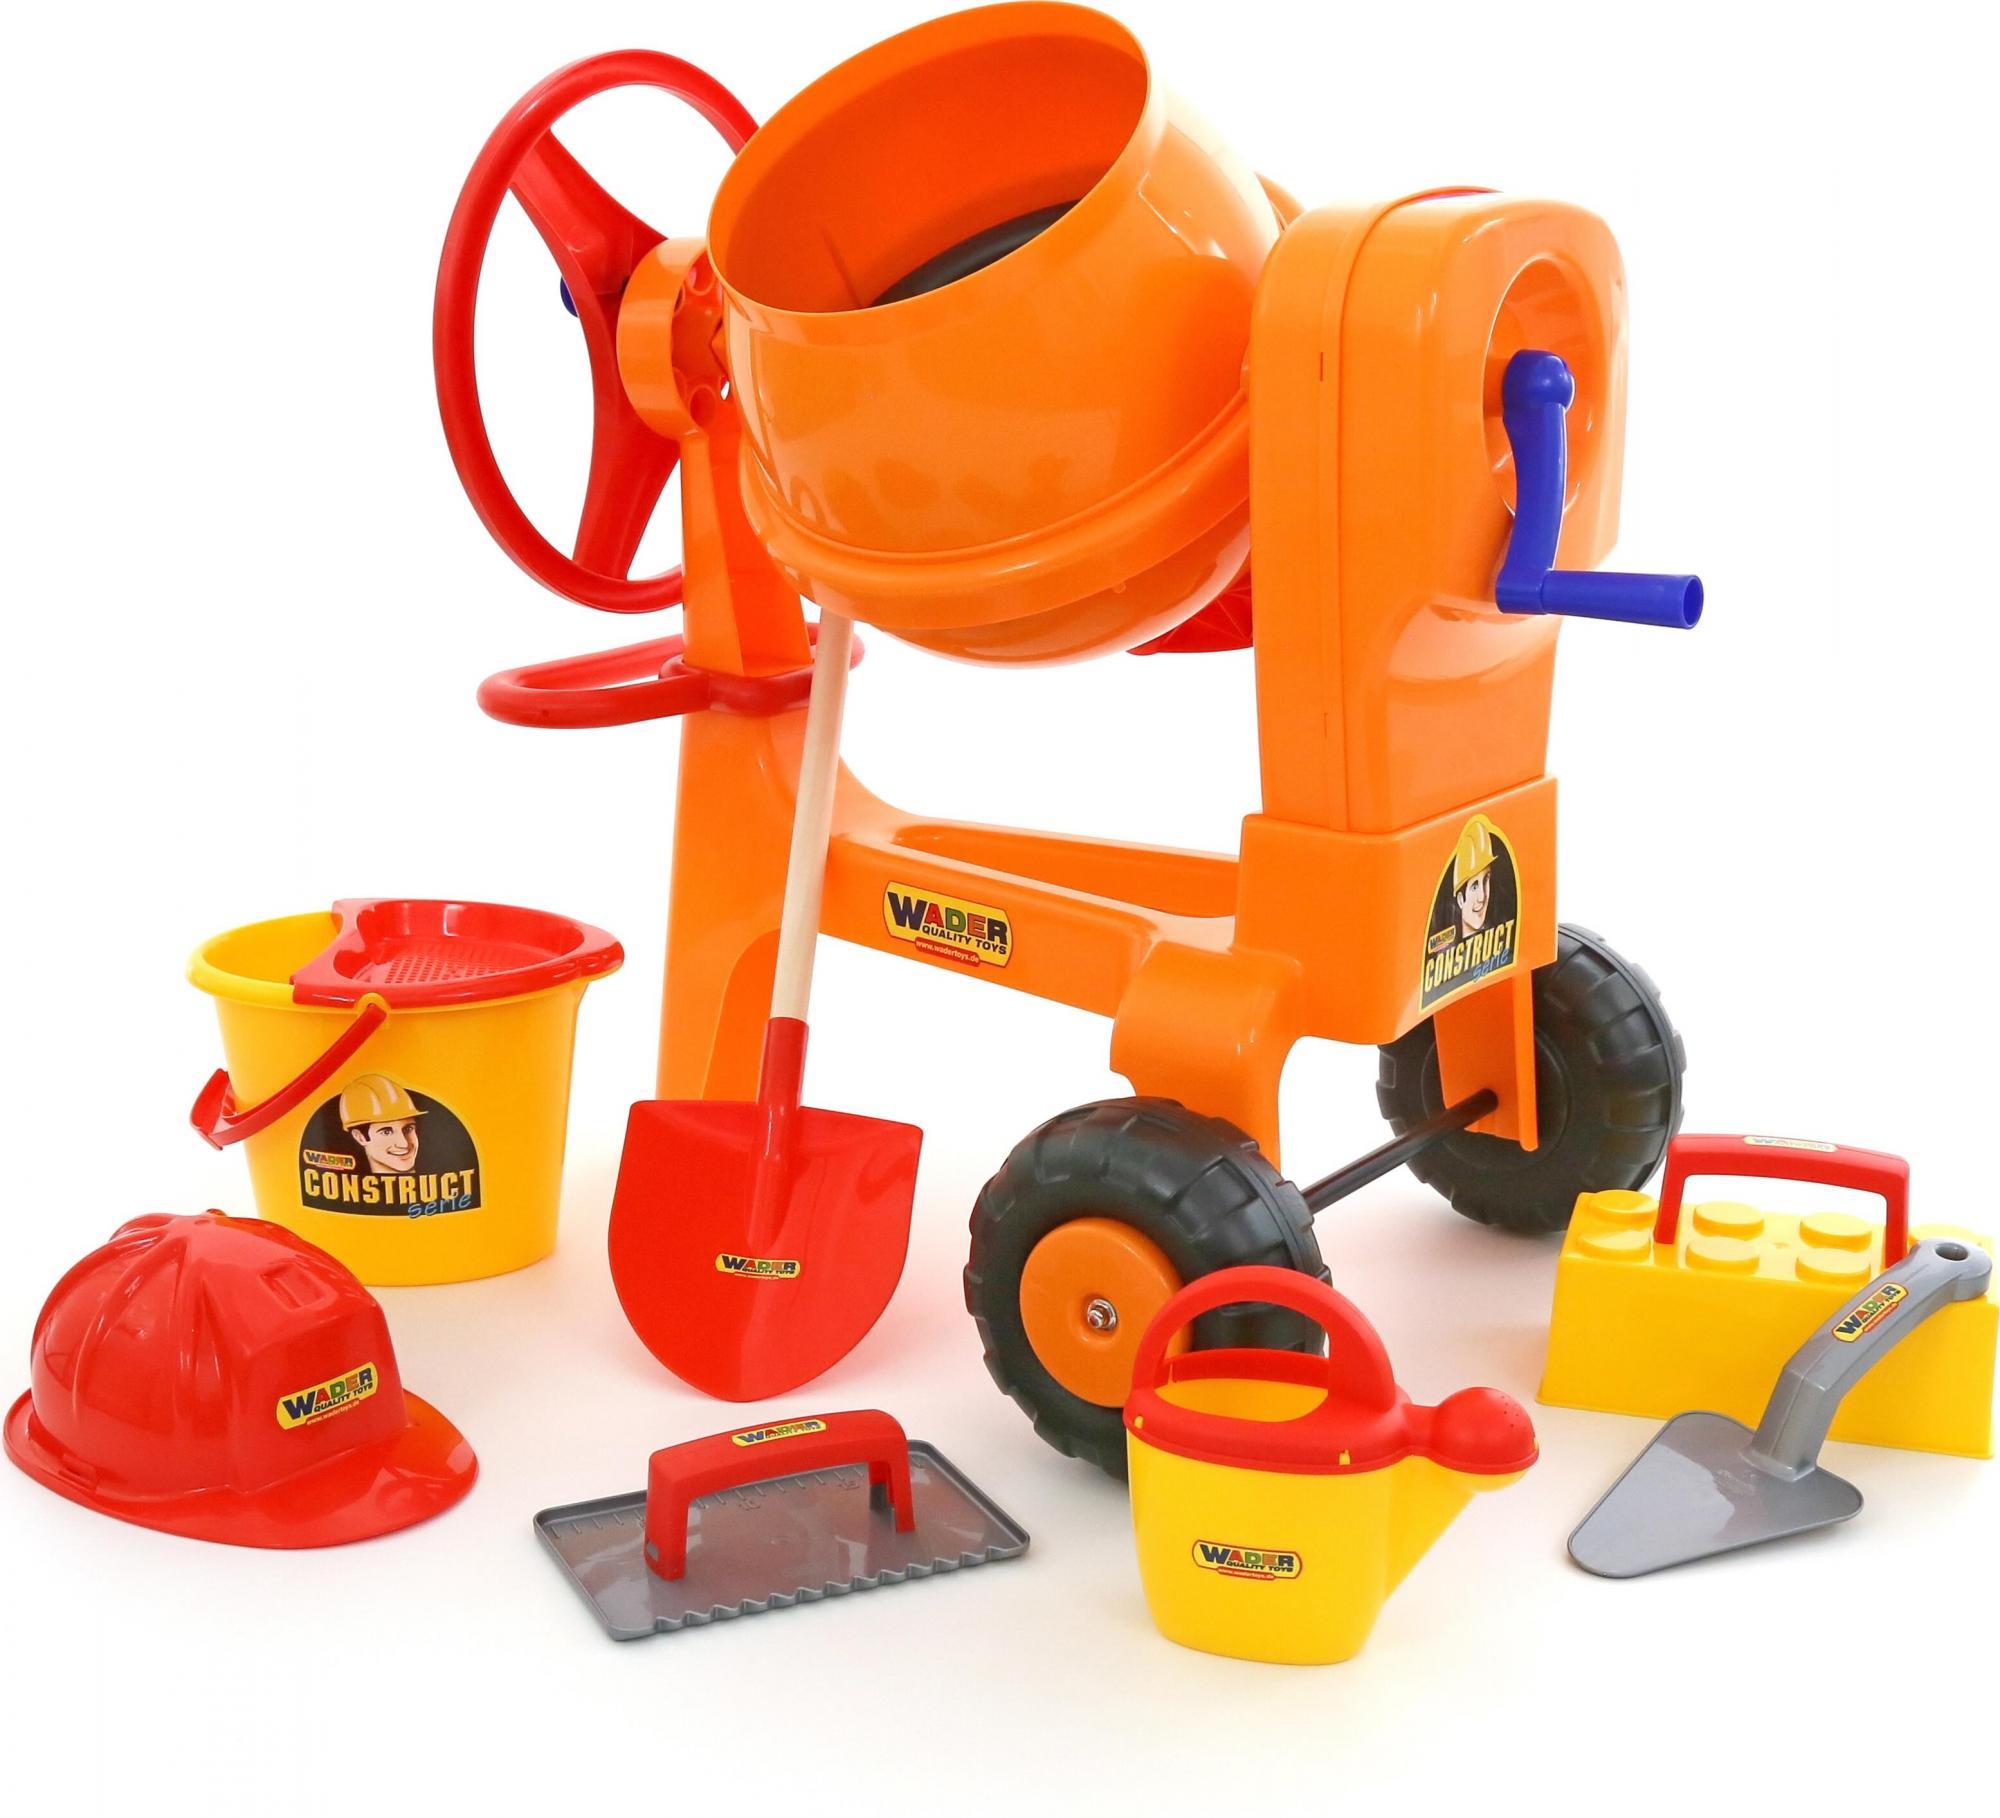 Бетономешалка Construct + Набор каменщикаДетские мастерские, инструменты<br>Бетономешалка Construct + Набор каменщика<br>